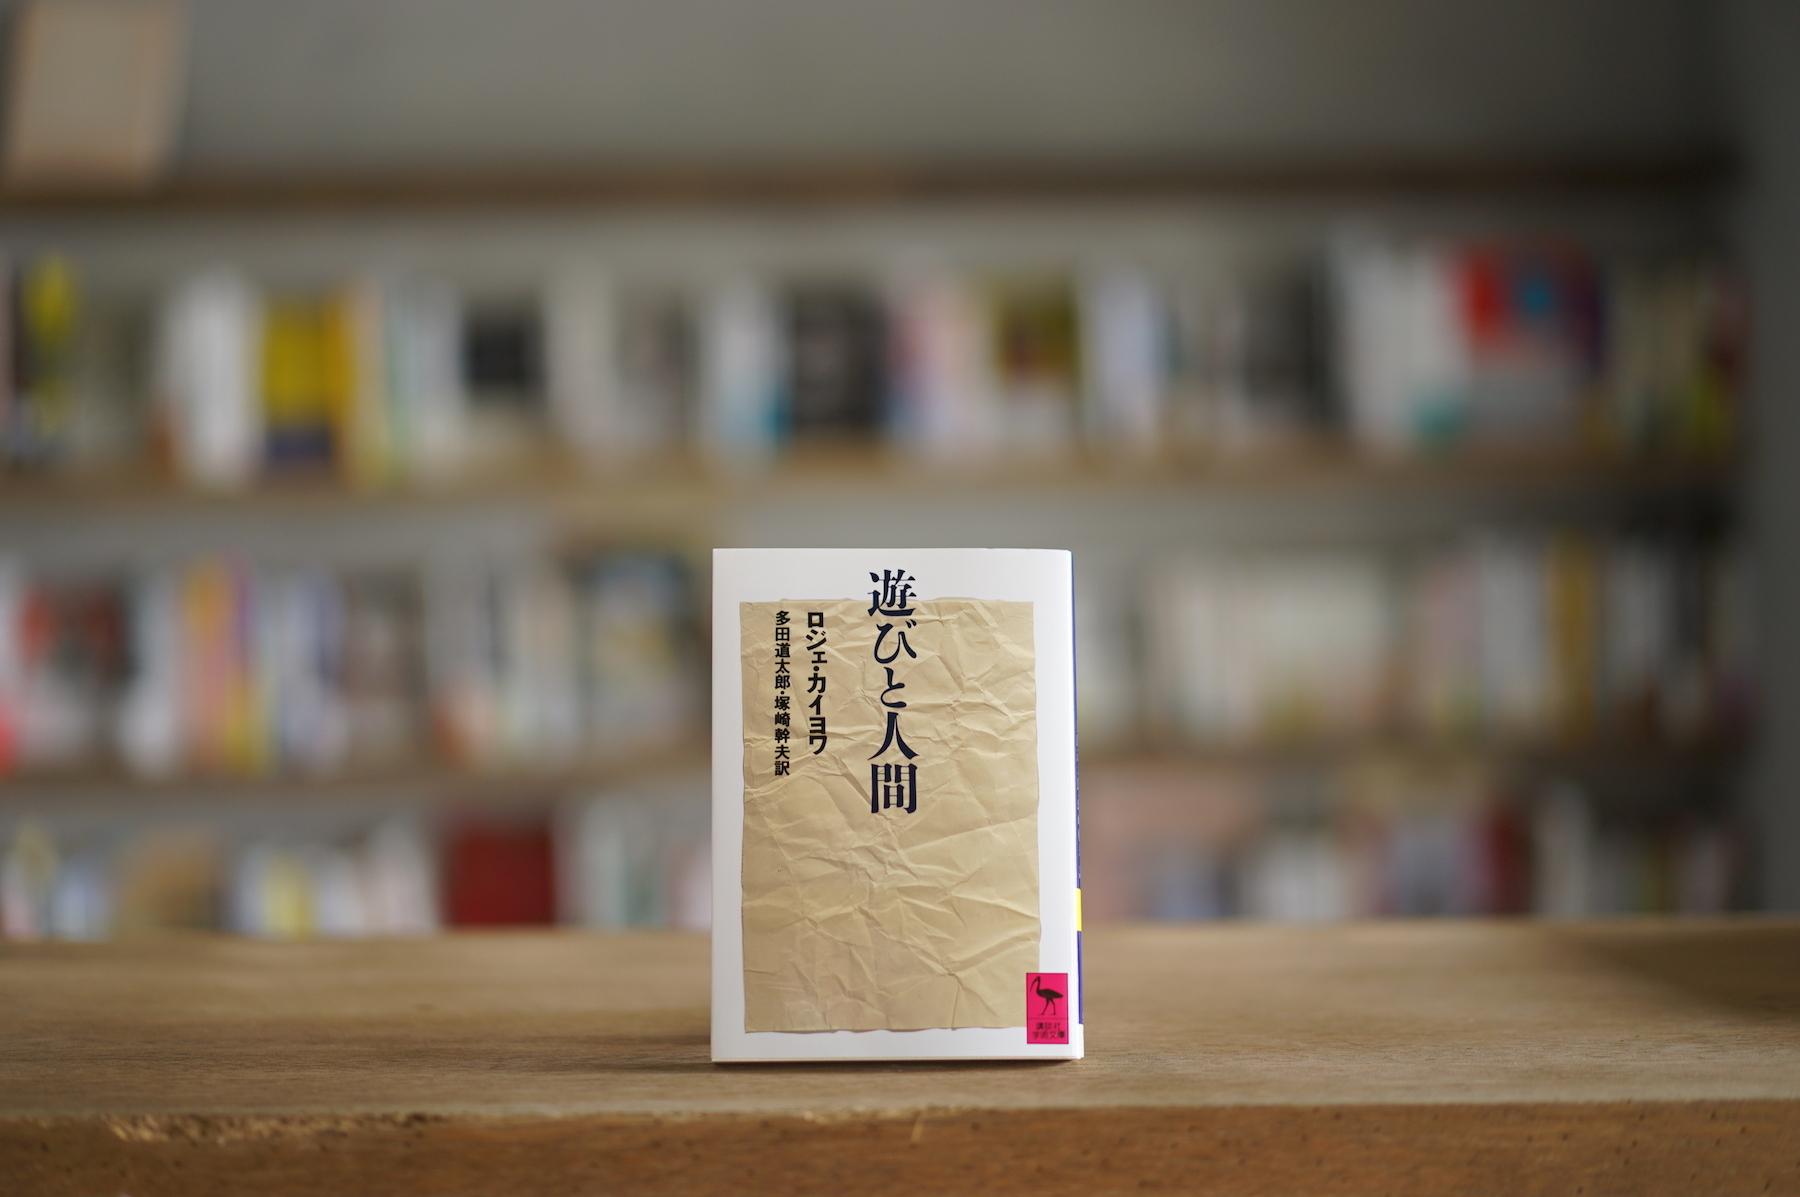 ロジェ・カイヨワ 訳:多田道太郎、塚崎幹夫 『遊びと人間』 (講談社、1990)